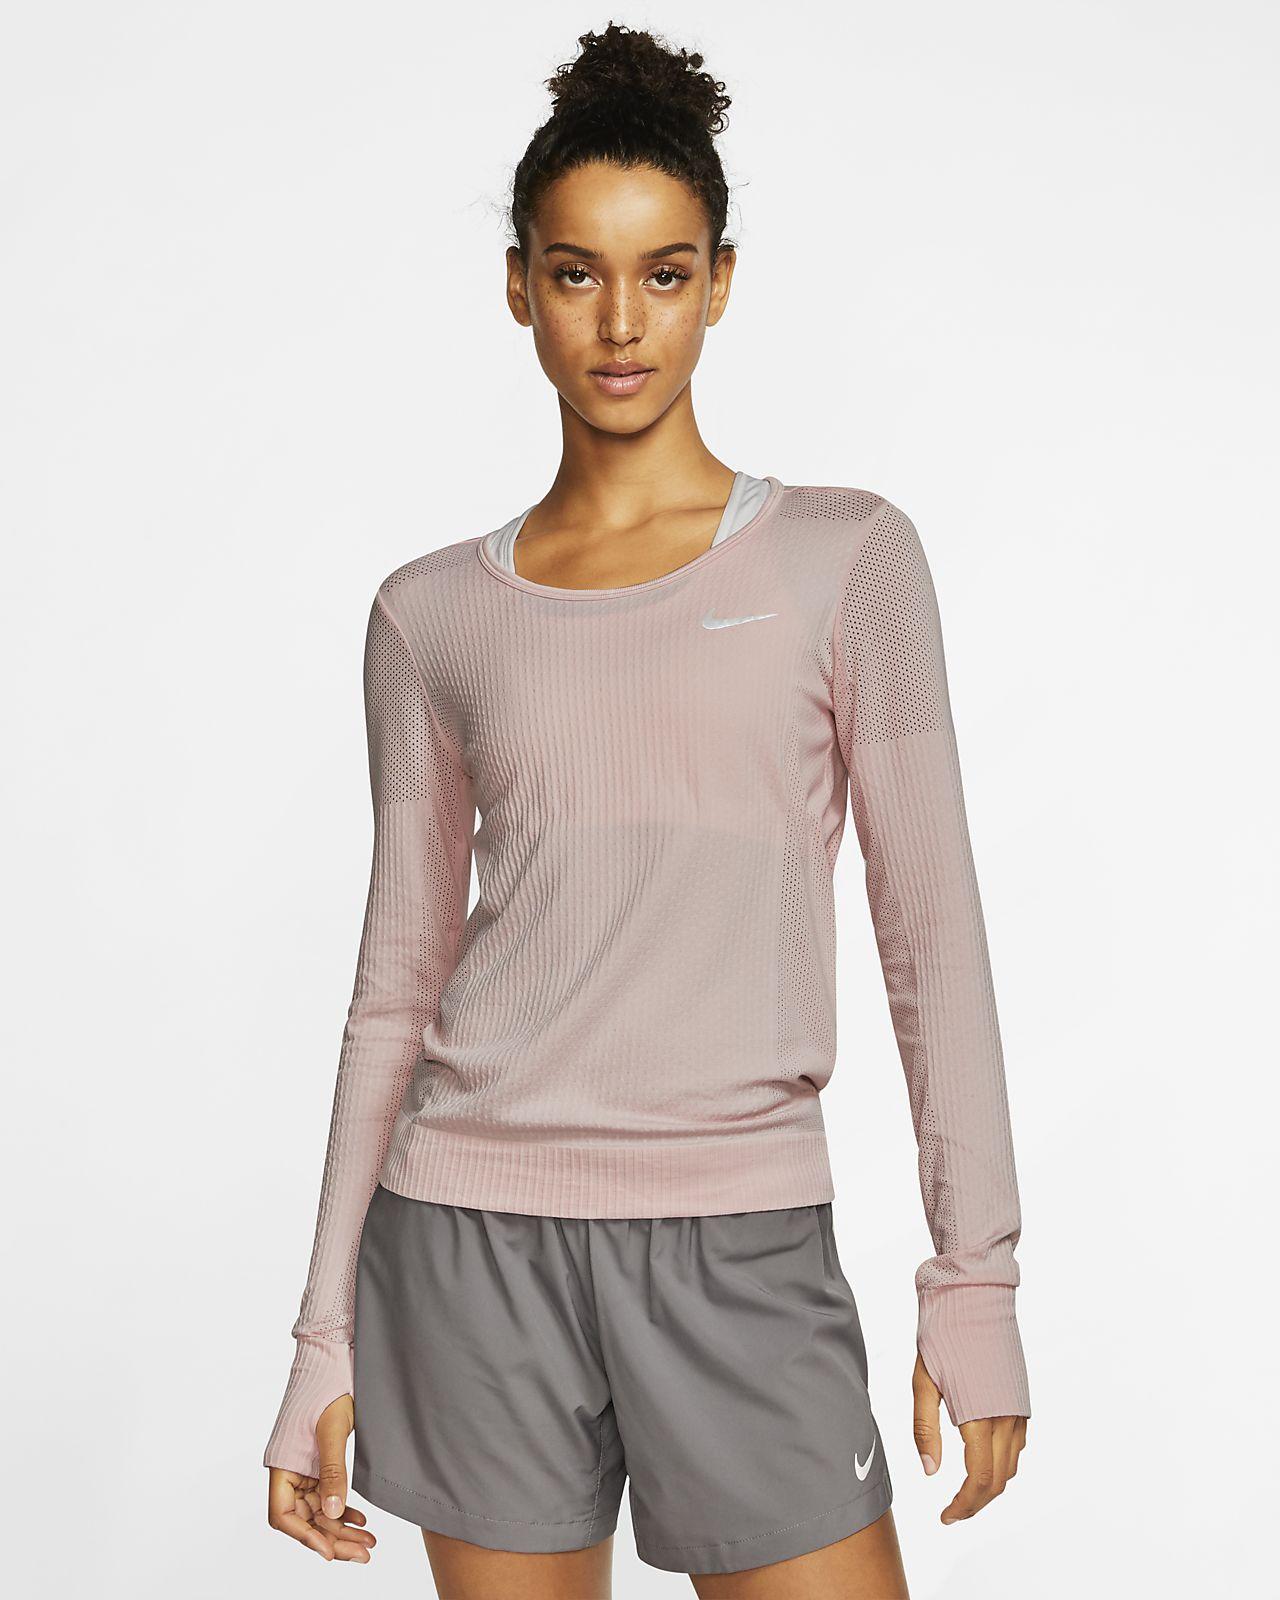 Γυναικεία μακρυμάνικη μπλούζα για τρέξιμο Nike Infinite